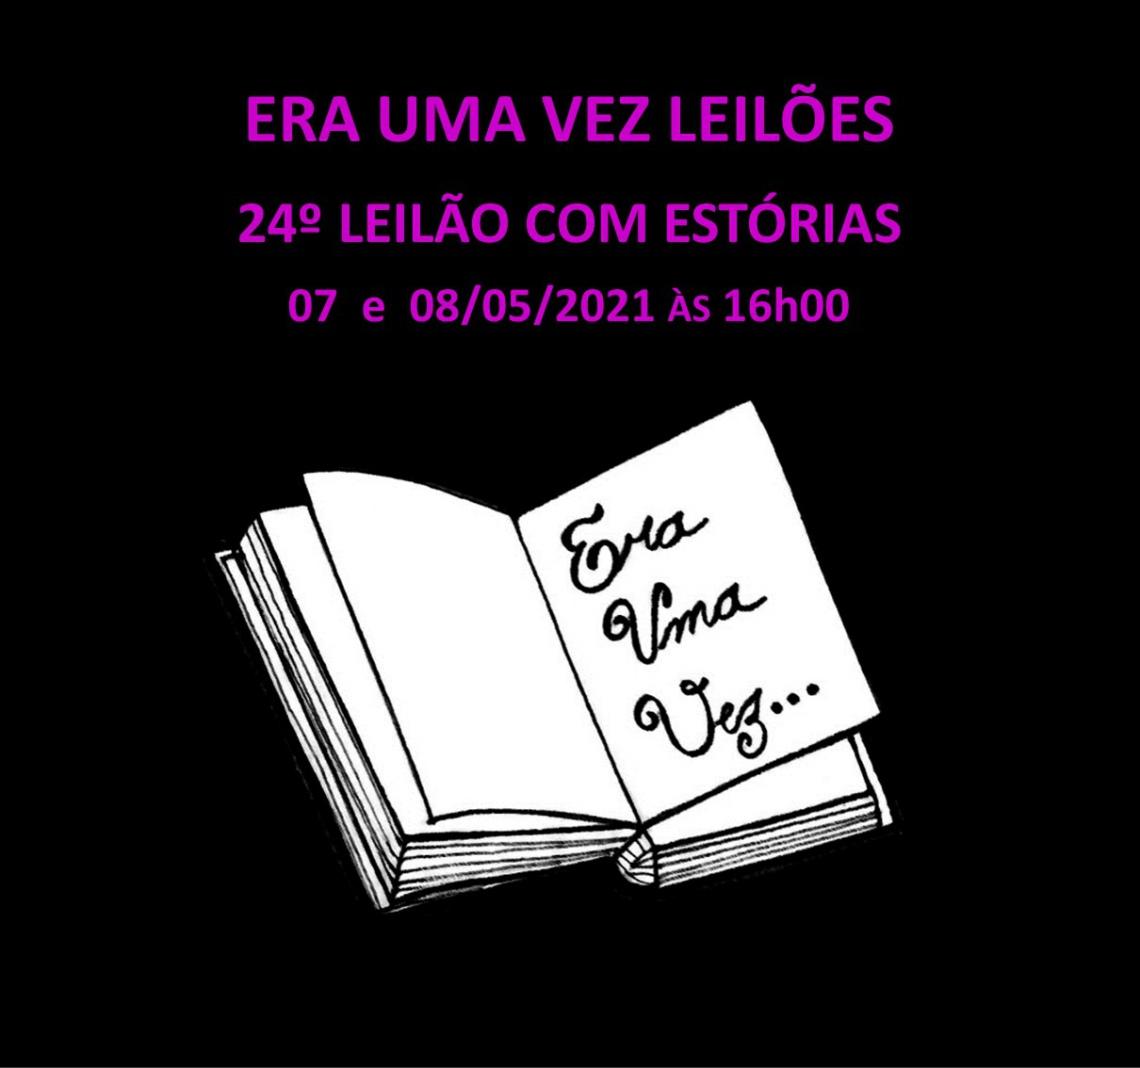 23º LEILÃO COM ESTÓRIAS - 09 e 10/04/2021 às 16h00